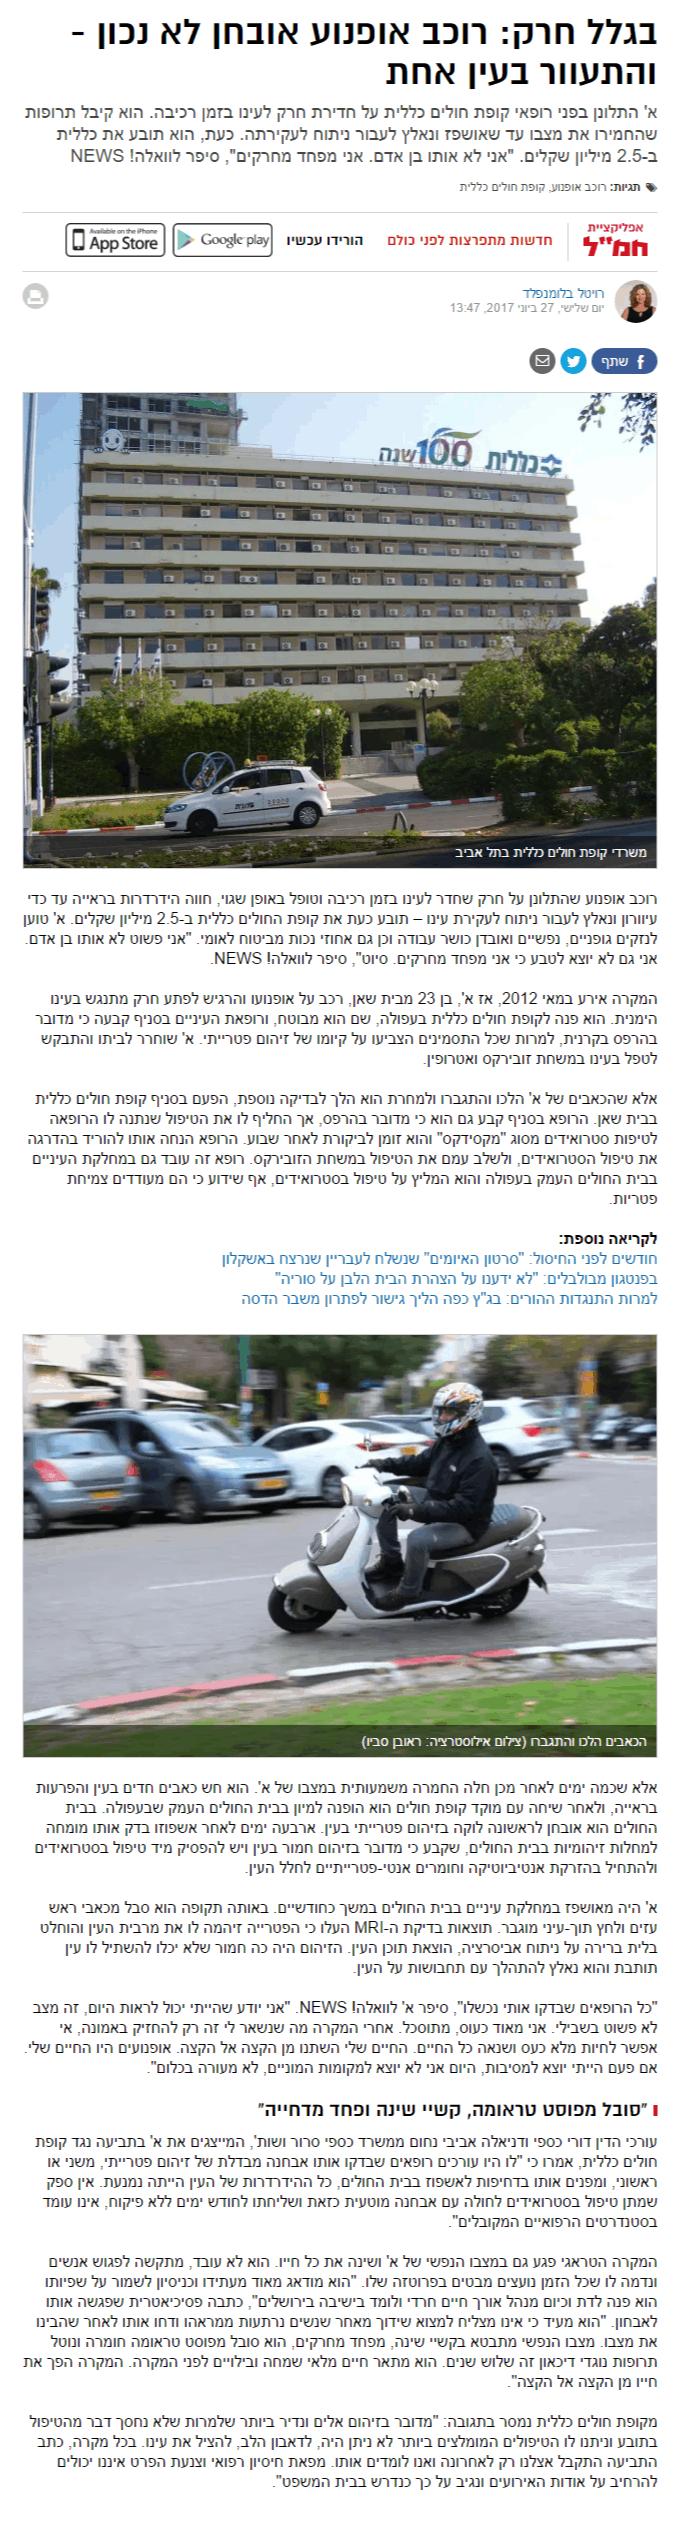 צילום מסך כתבה: בגלל חרק רוכב אופנוע אובחן לא נכון - והתעוור בעין אחת - וואלה! חדשות